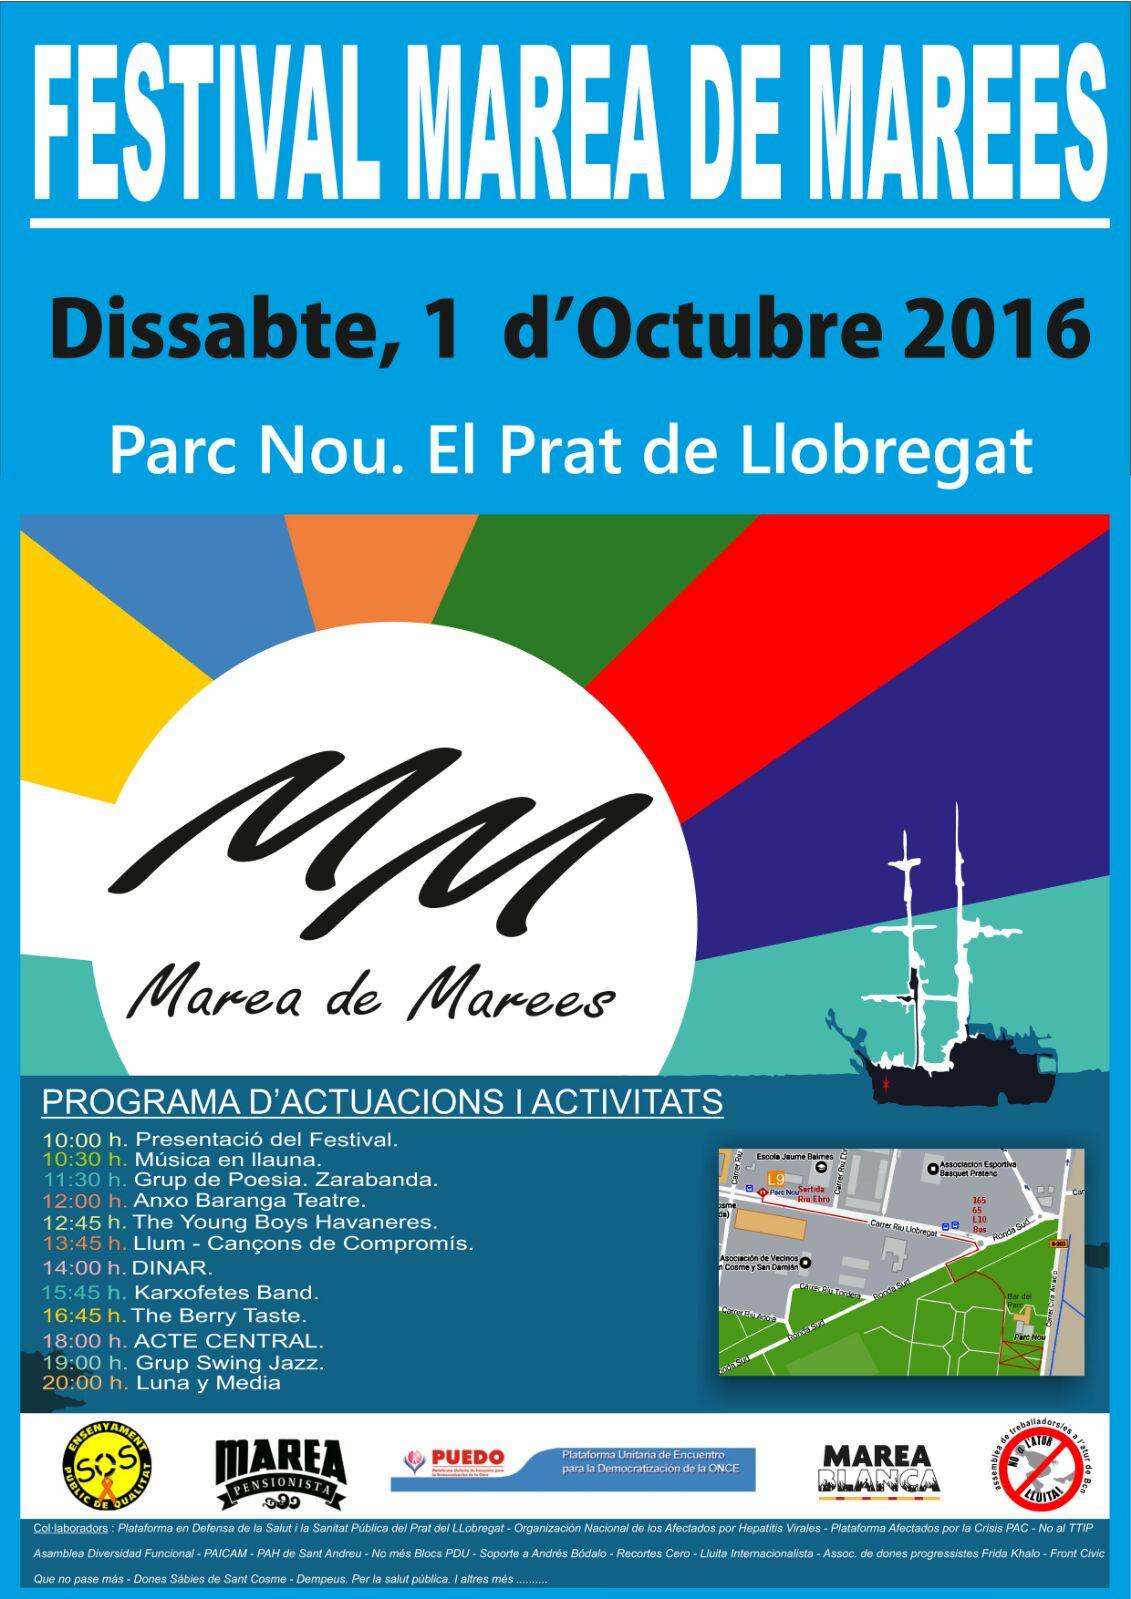 Festival Marea de Marees, 1 d'octubre